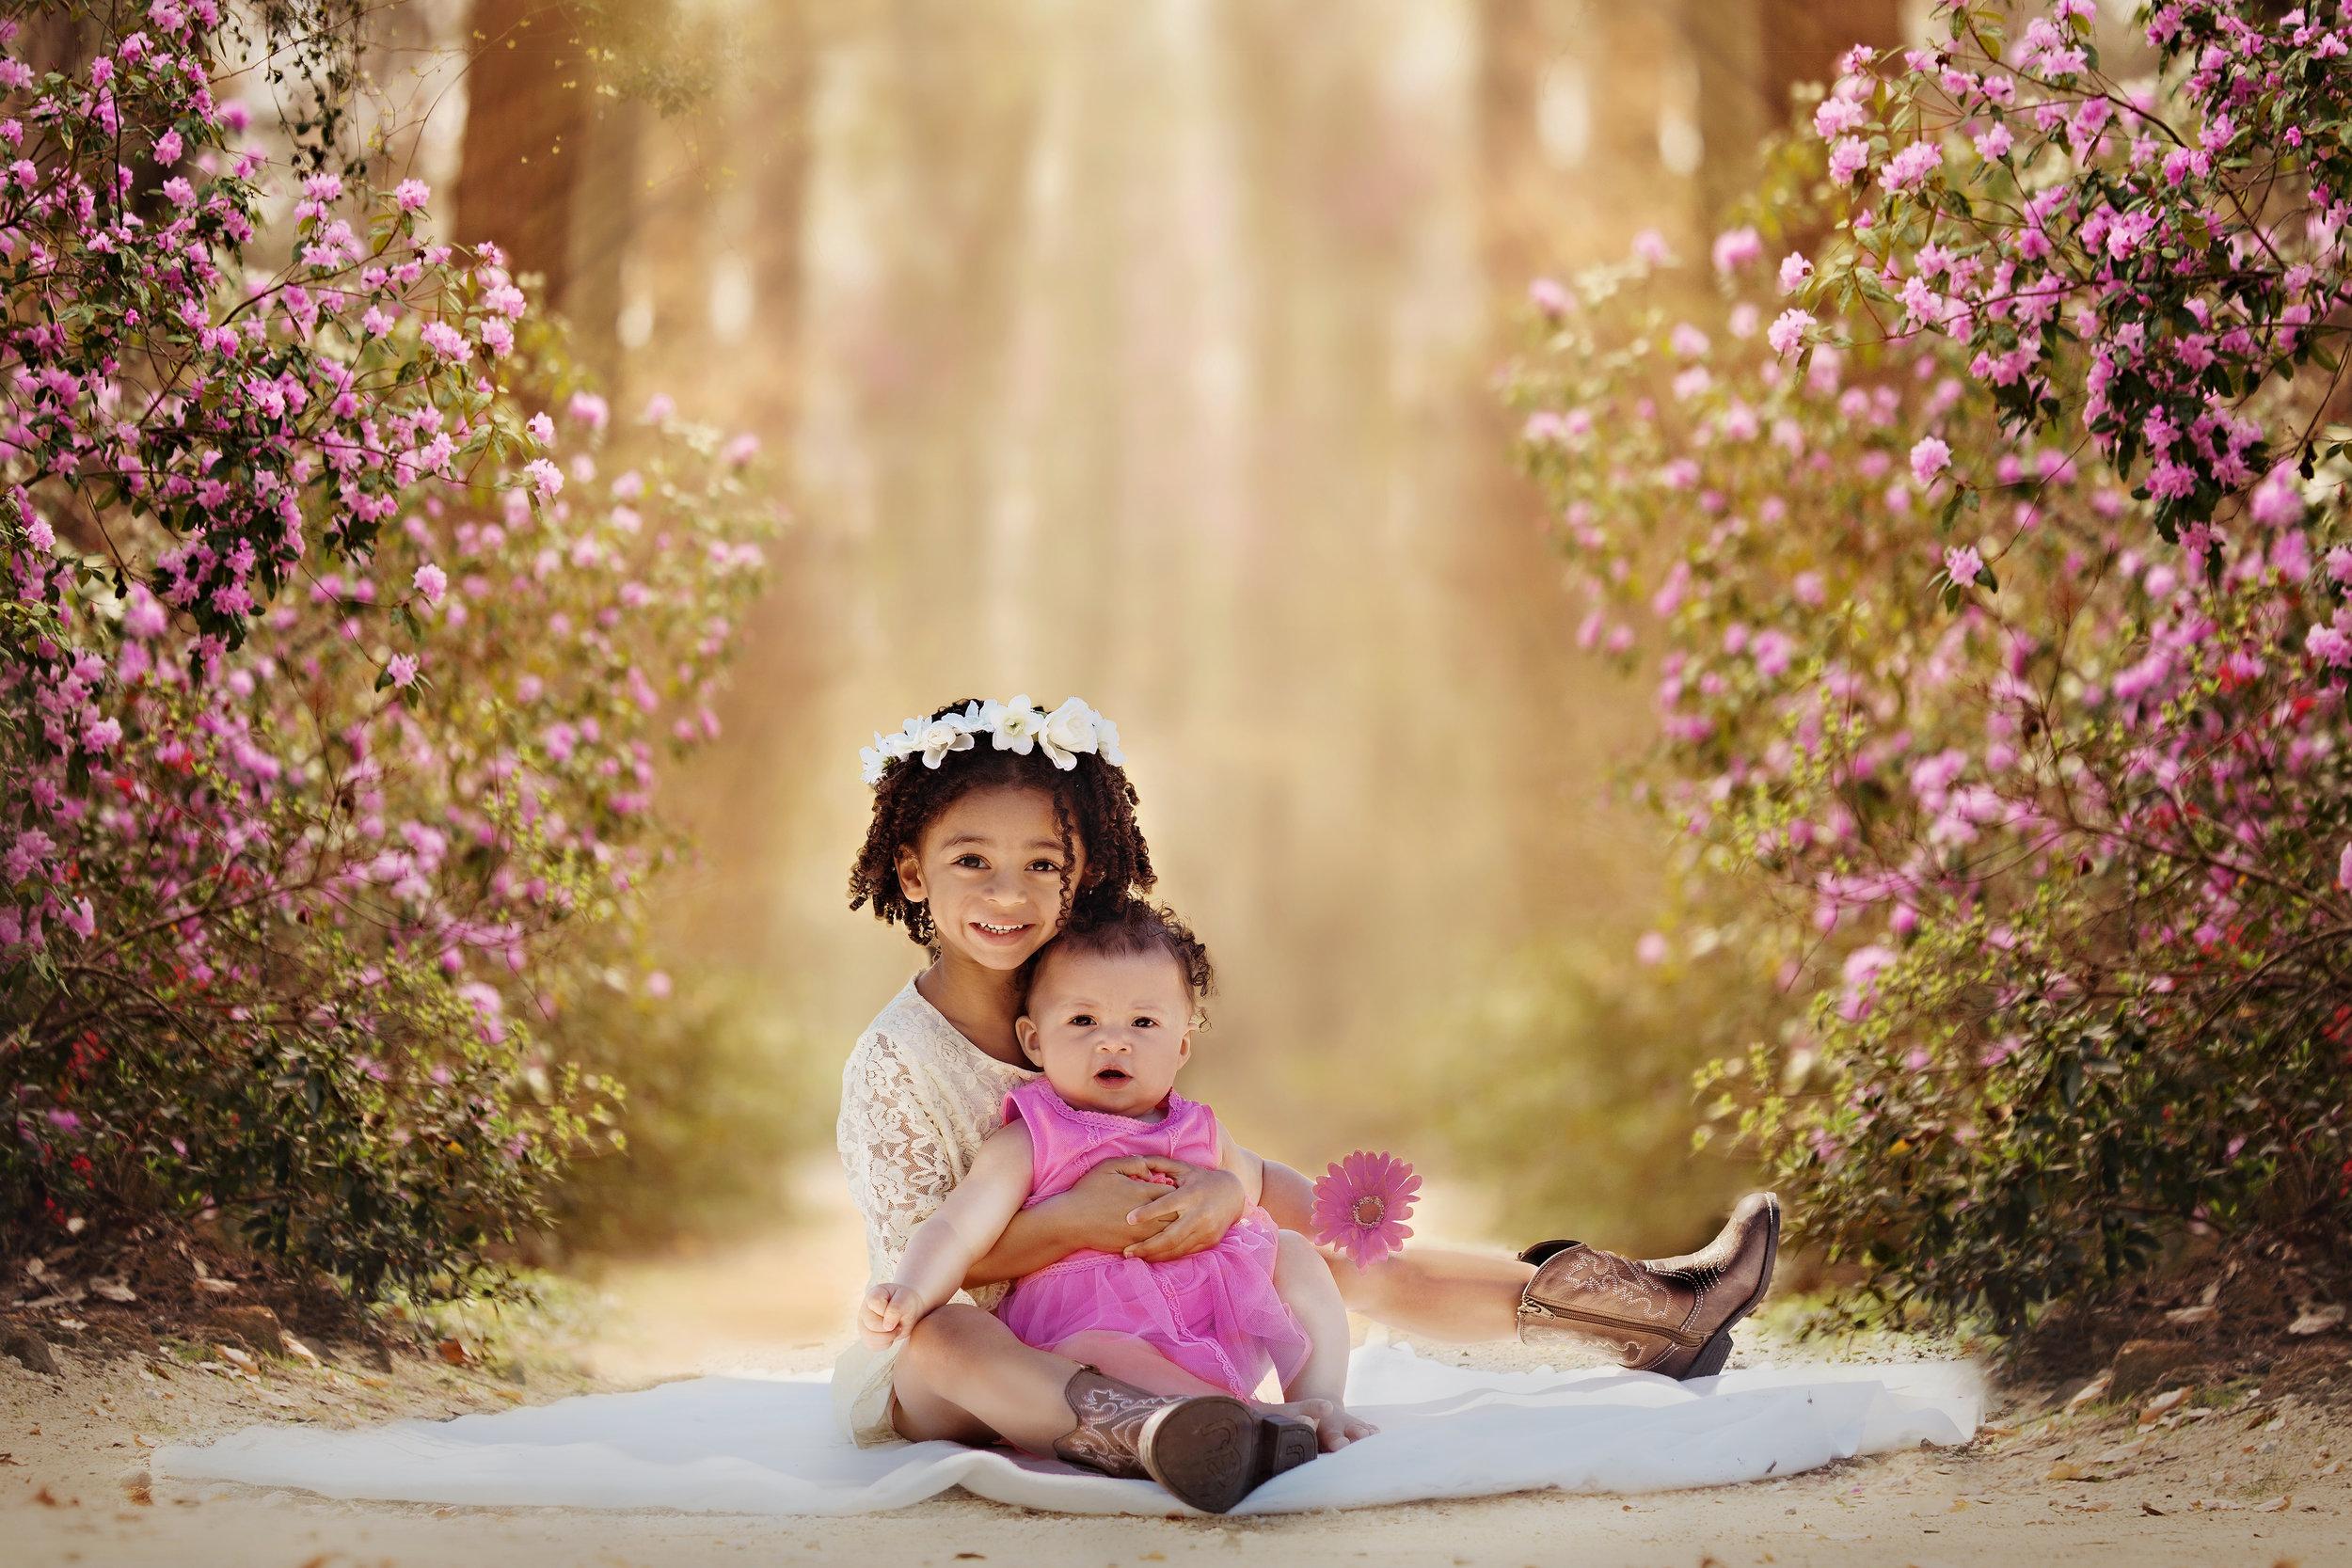 cutestgirls4copy.jpg